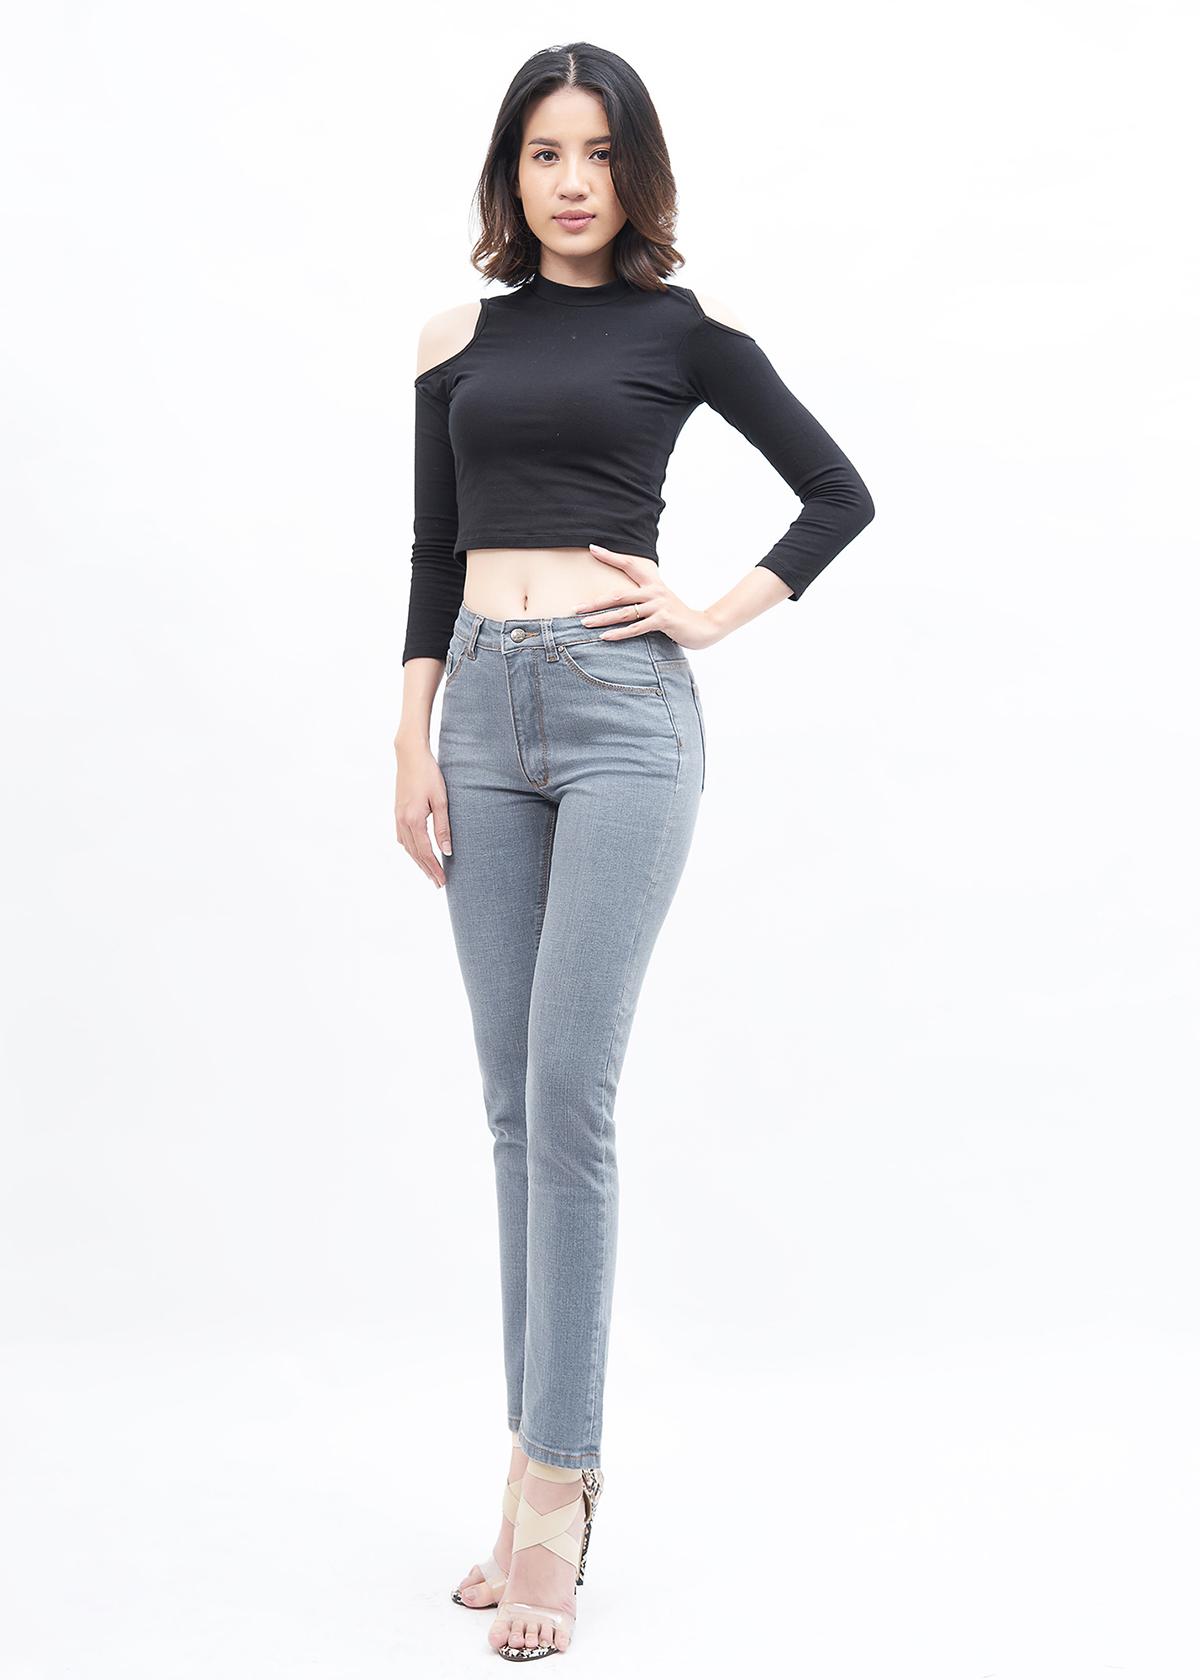 Quần Jean Nữ Ống Đứng Lưng Cao Aaa Jeans Có Nhiều Màu Size 26 - 32 4